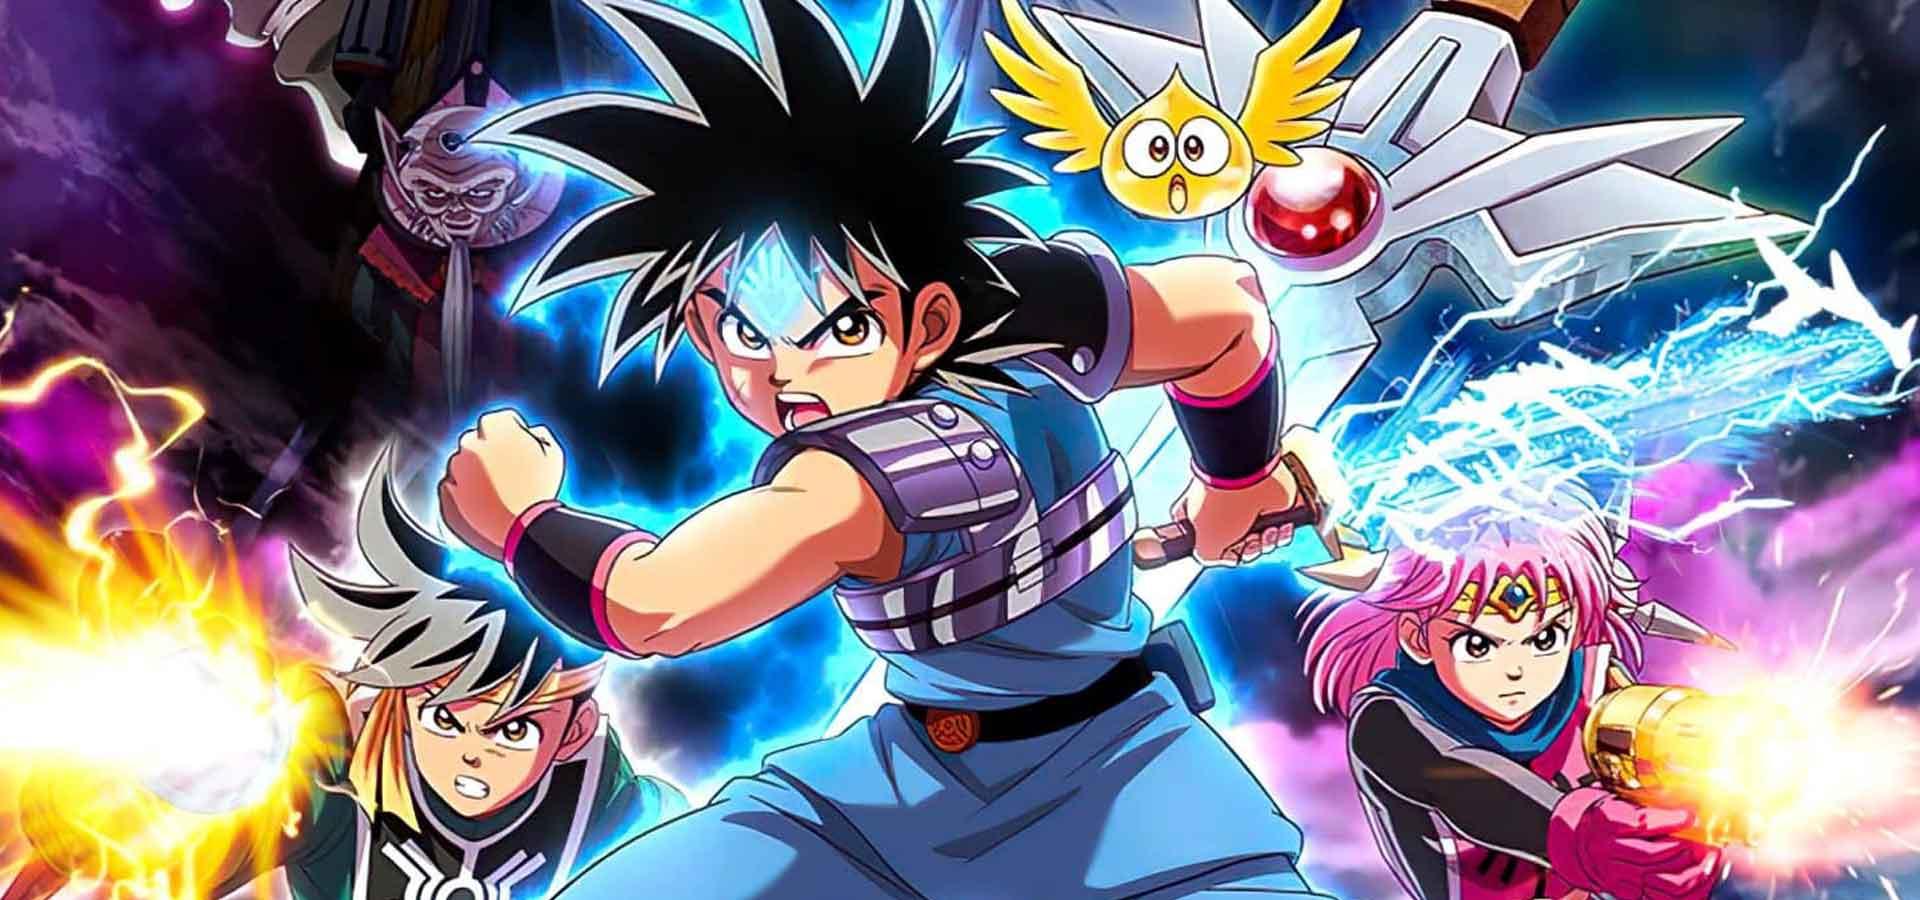 La cover de l'anime Dragon Quest : La quête de Daï dévoilée